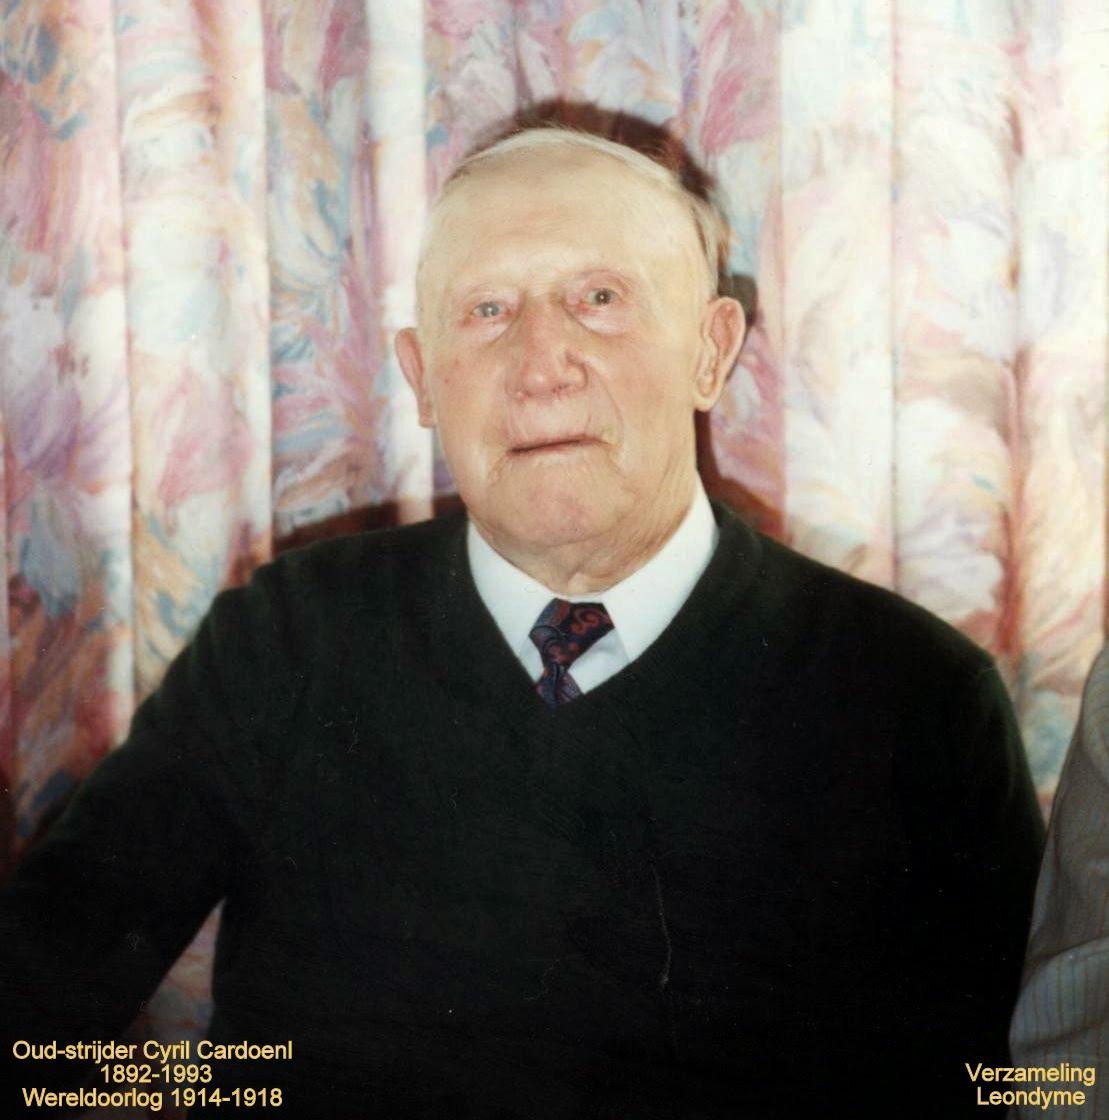 Oud-strijder Cyril Cardoen 1892-1993. Verzameling Leondyme